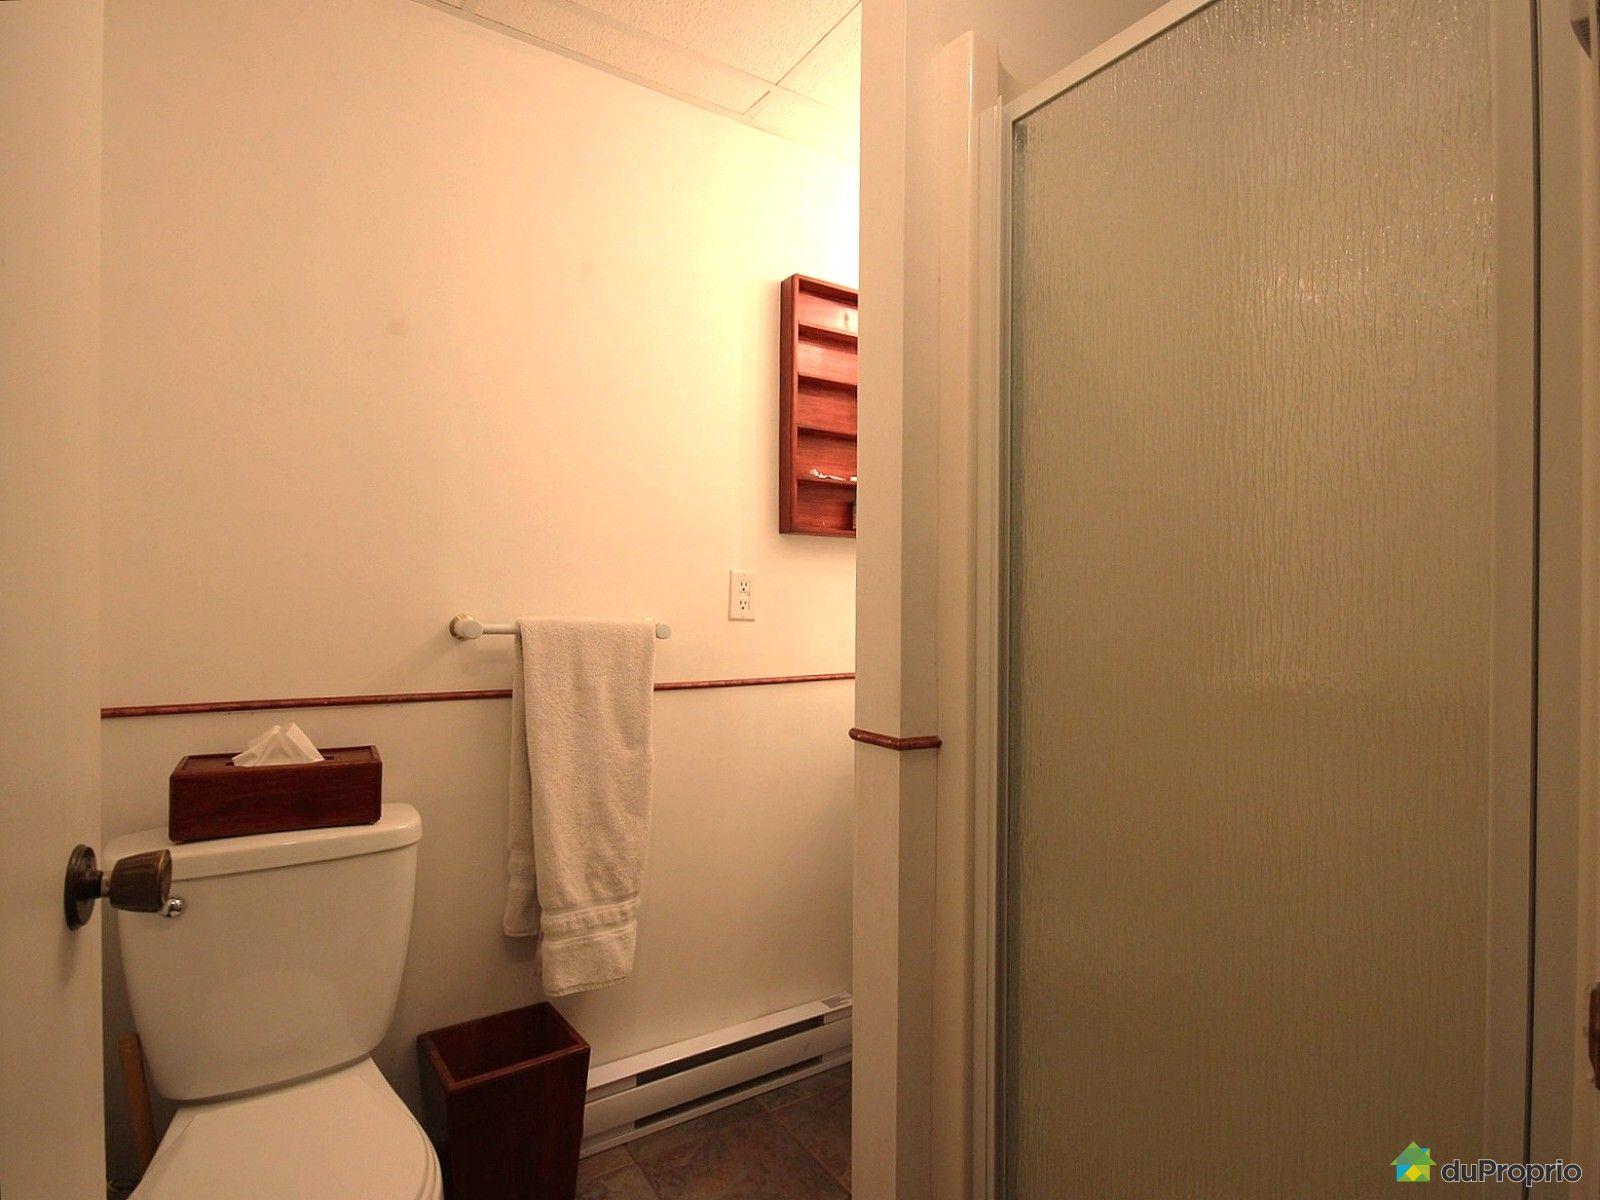 Jumel vendu st jean sur richelieu immobilier qu bec - Salle de bain sous sol ...